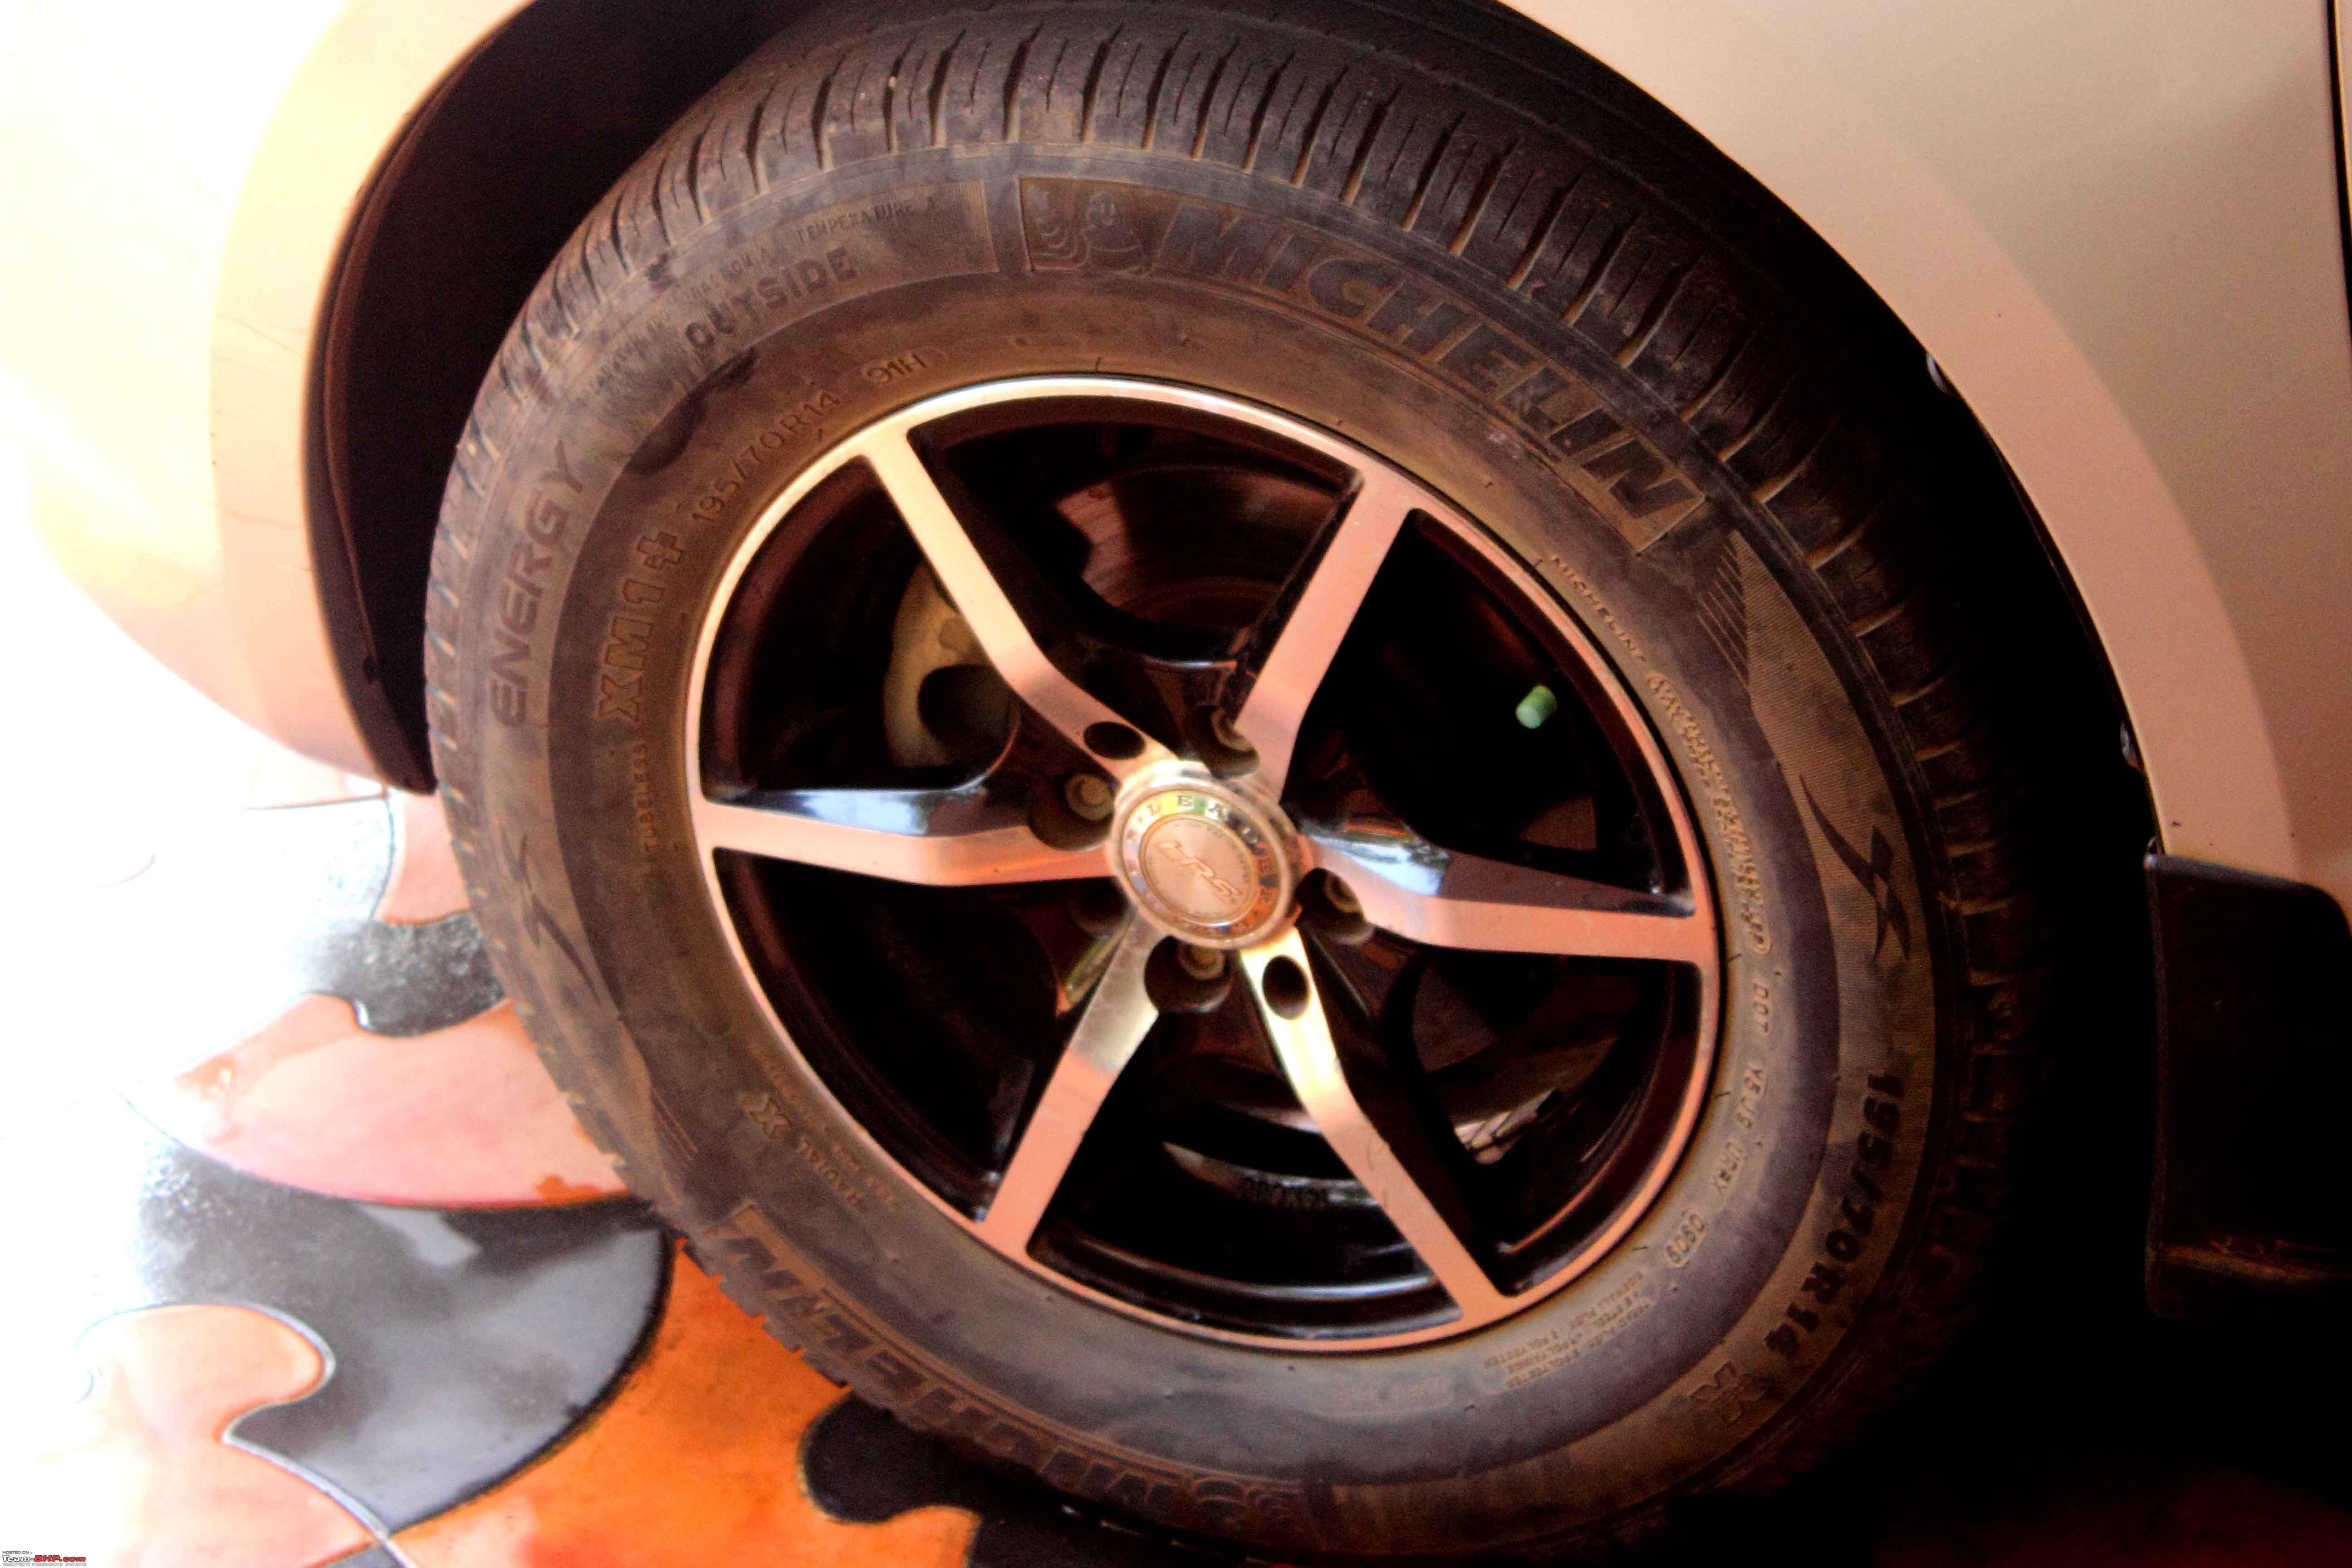 Worksheet. Maruti Suzuki Swift  Tyre  wheel upgrade thread  Page 124